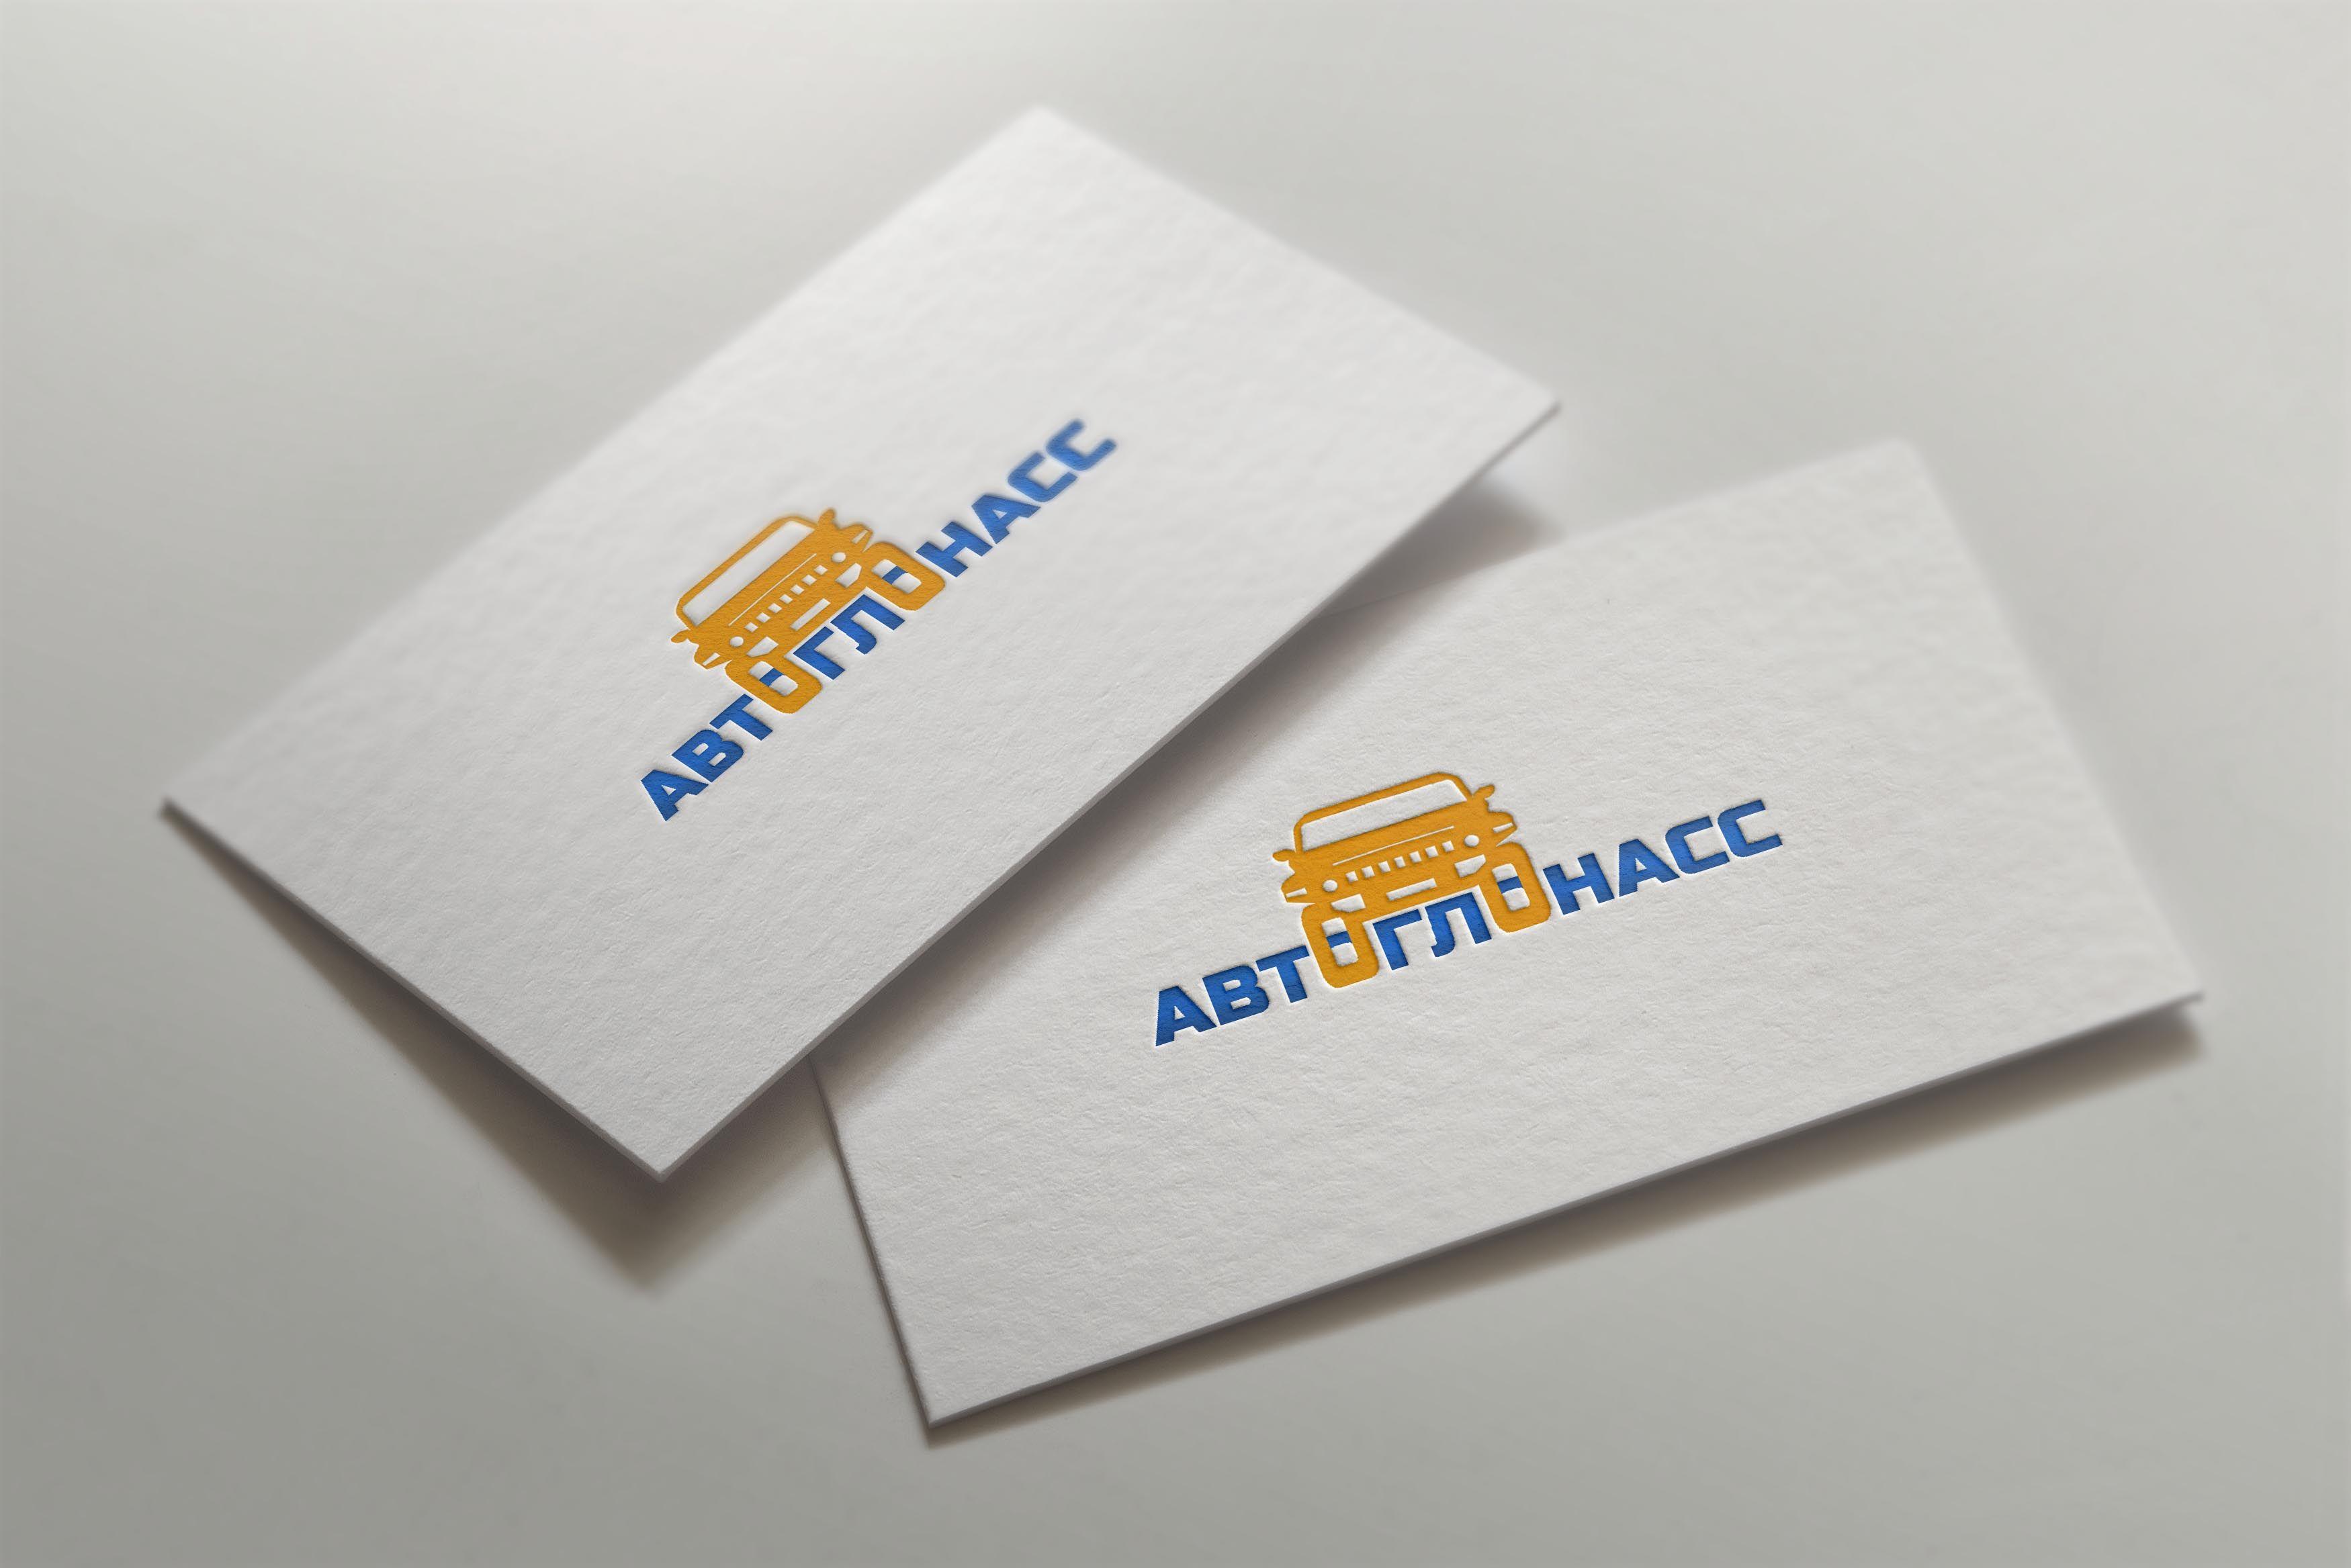 Логотип и фирменный стиль проекта АвтоГЛОНАСС - дизайнер jabud